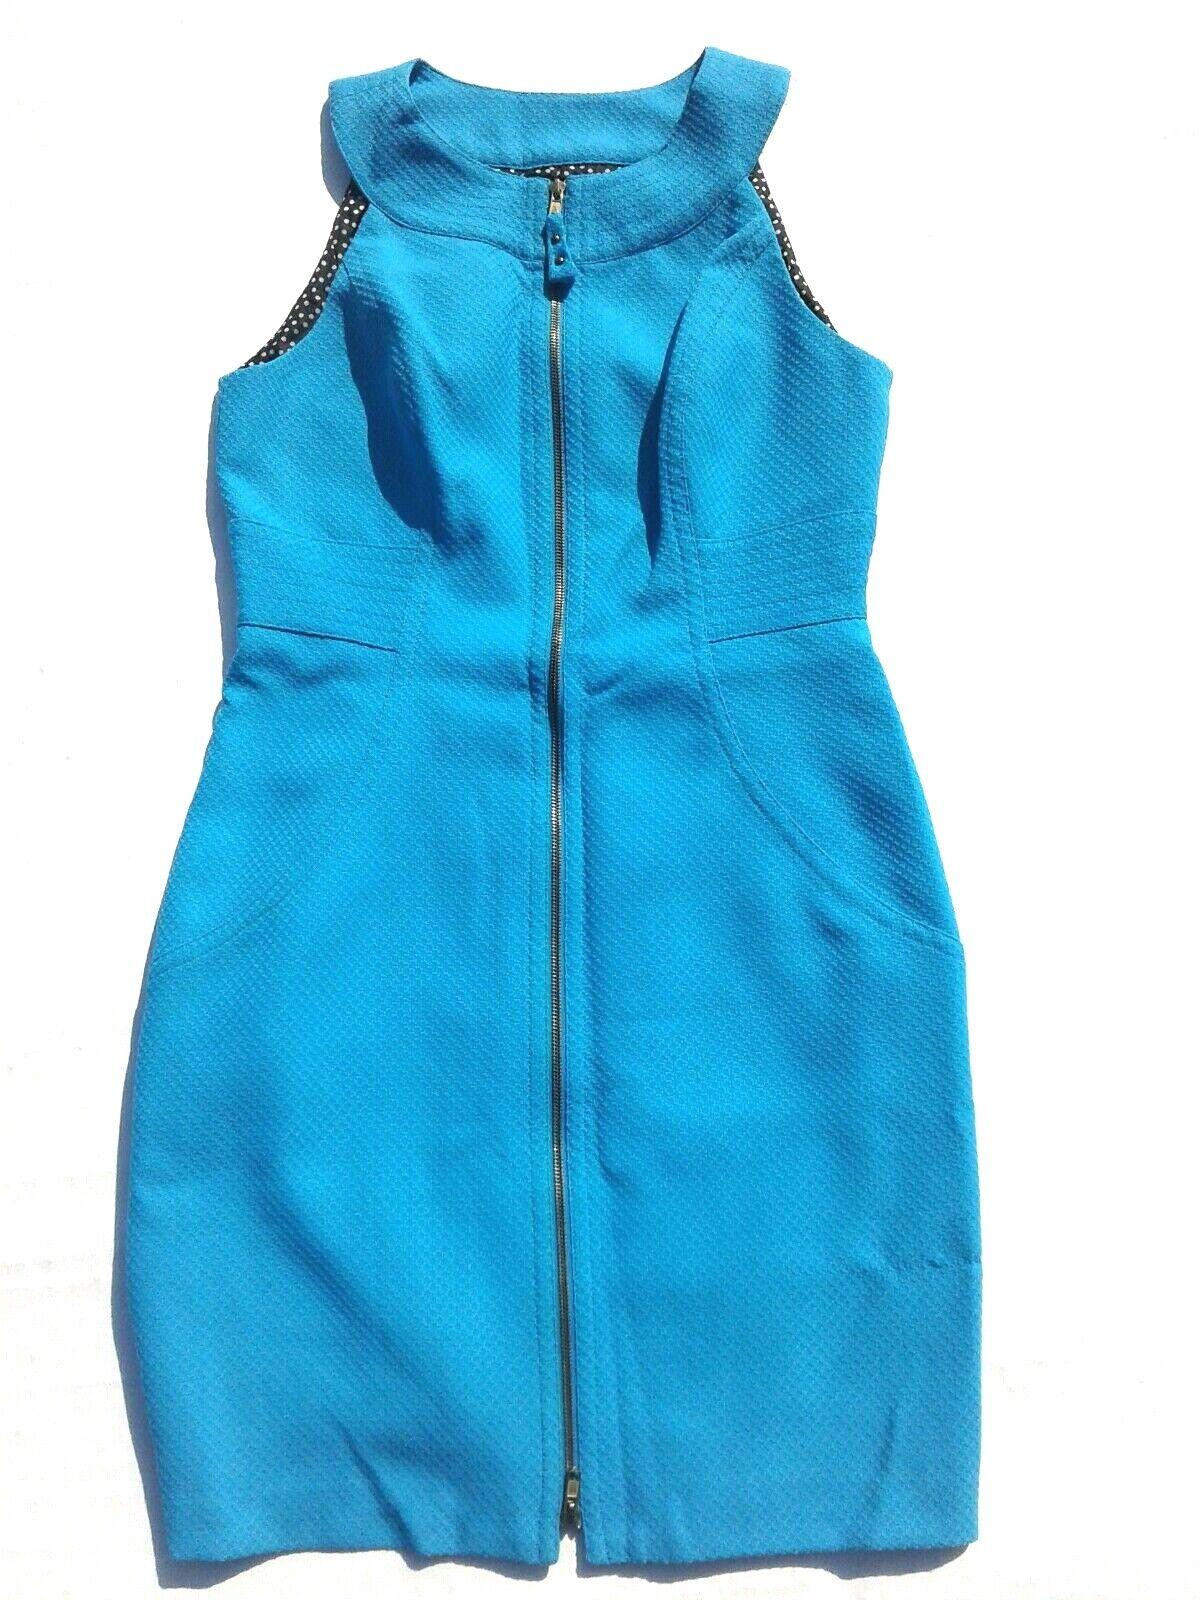 MAGGY L Sea bluee Front Zipper Sleeveless Textured Dress Size 12